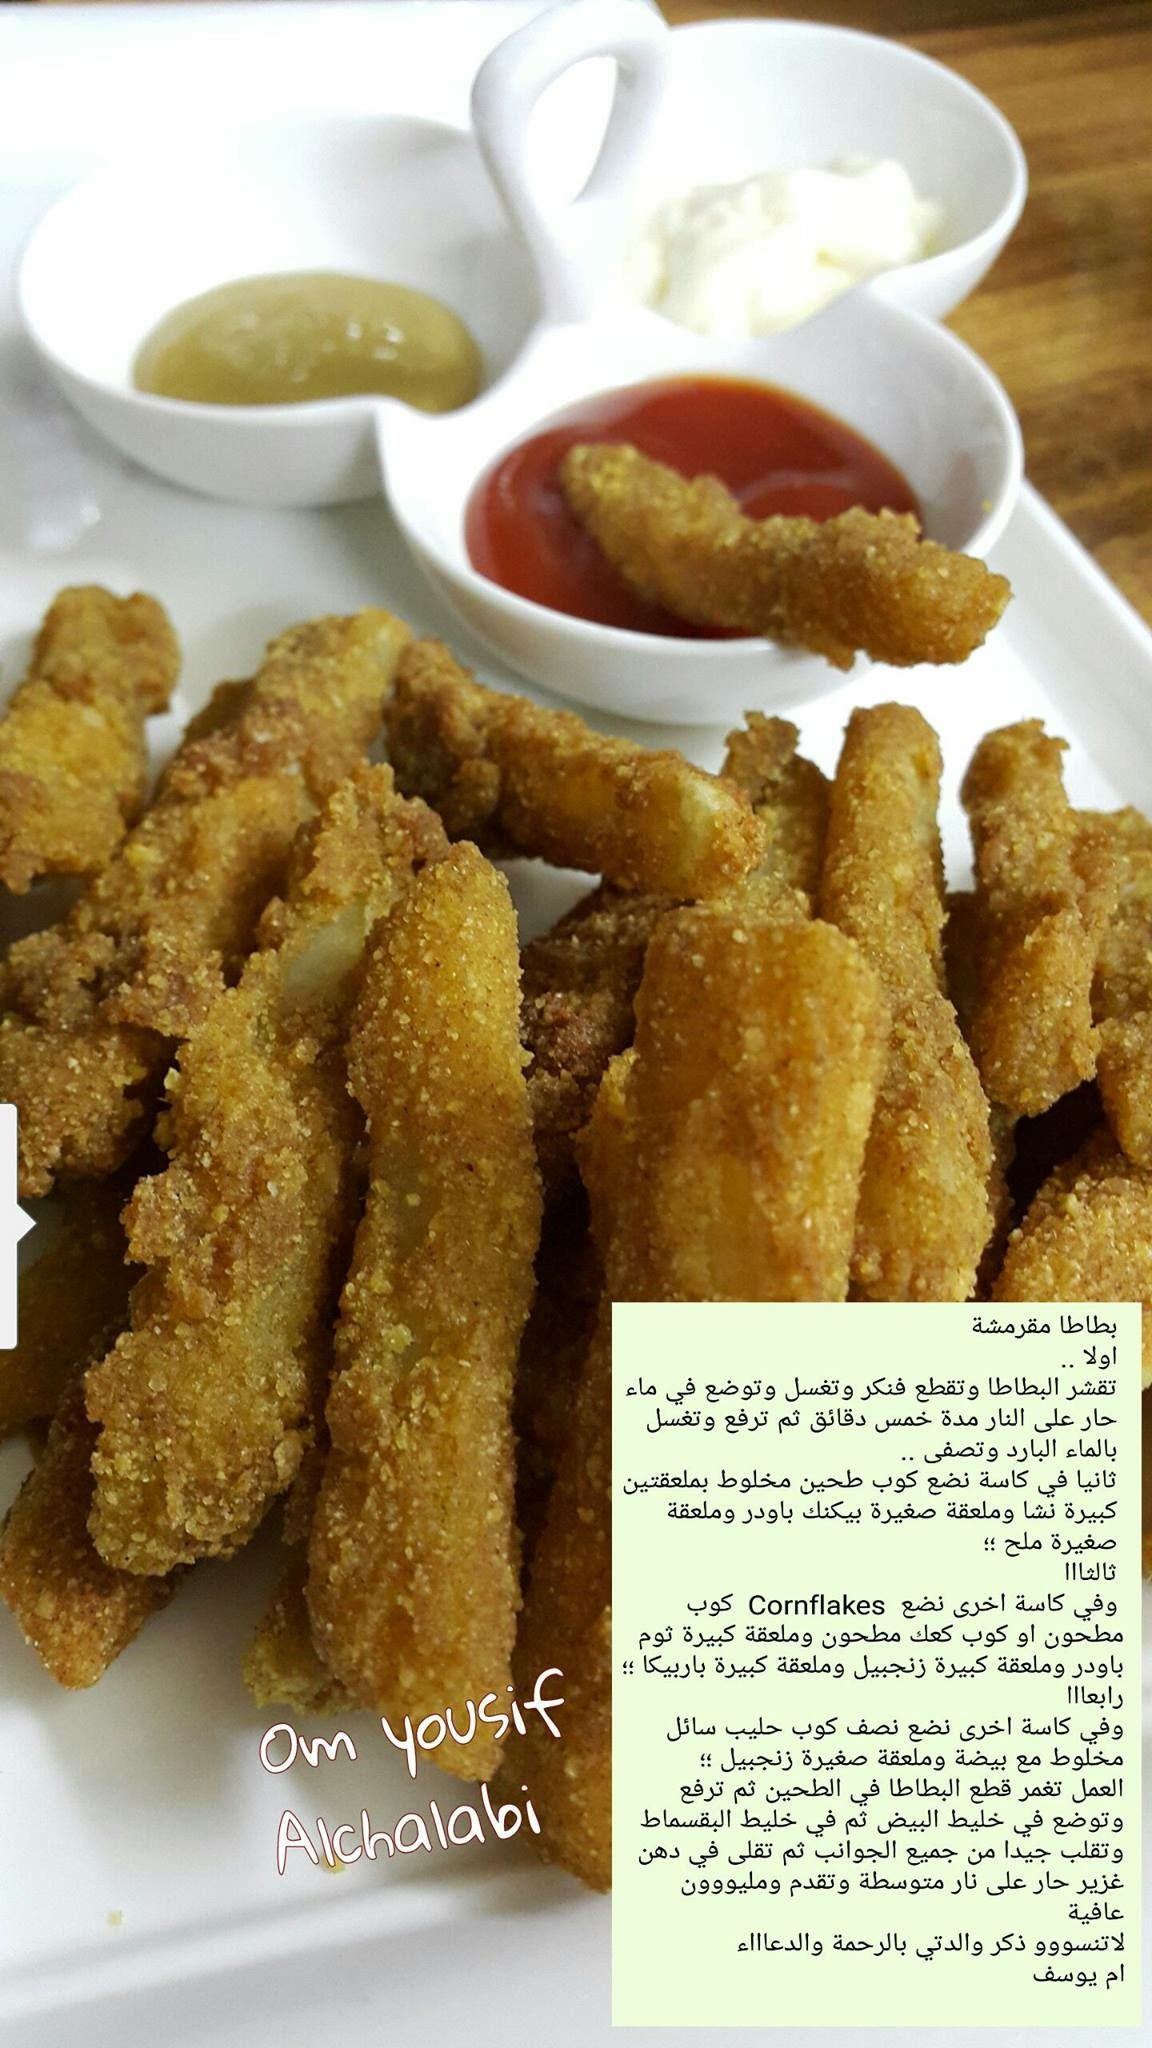 بطاطس مقرمشة Food Receipes Food And Drink Arabic Food